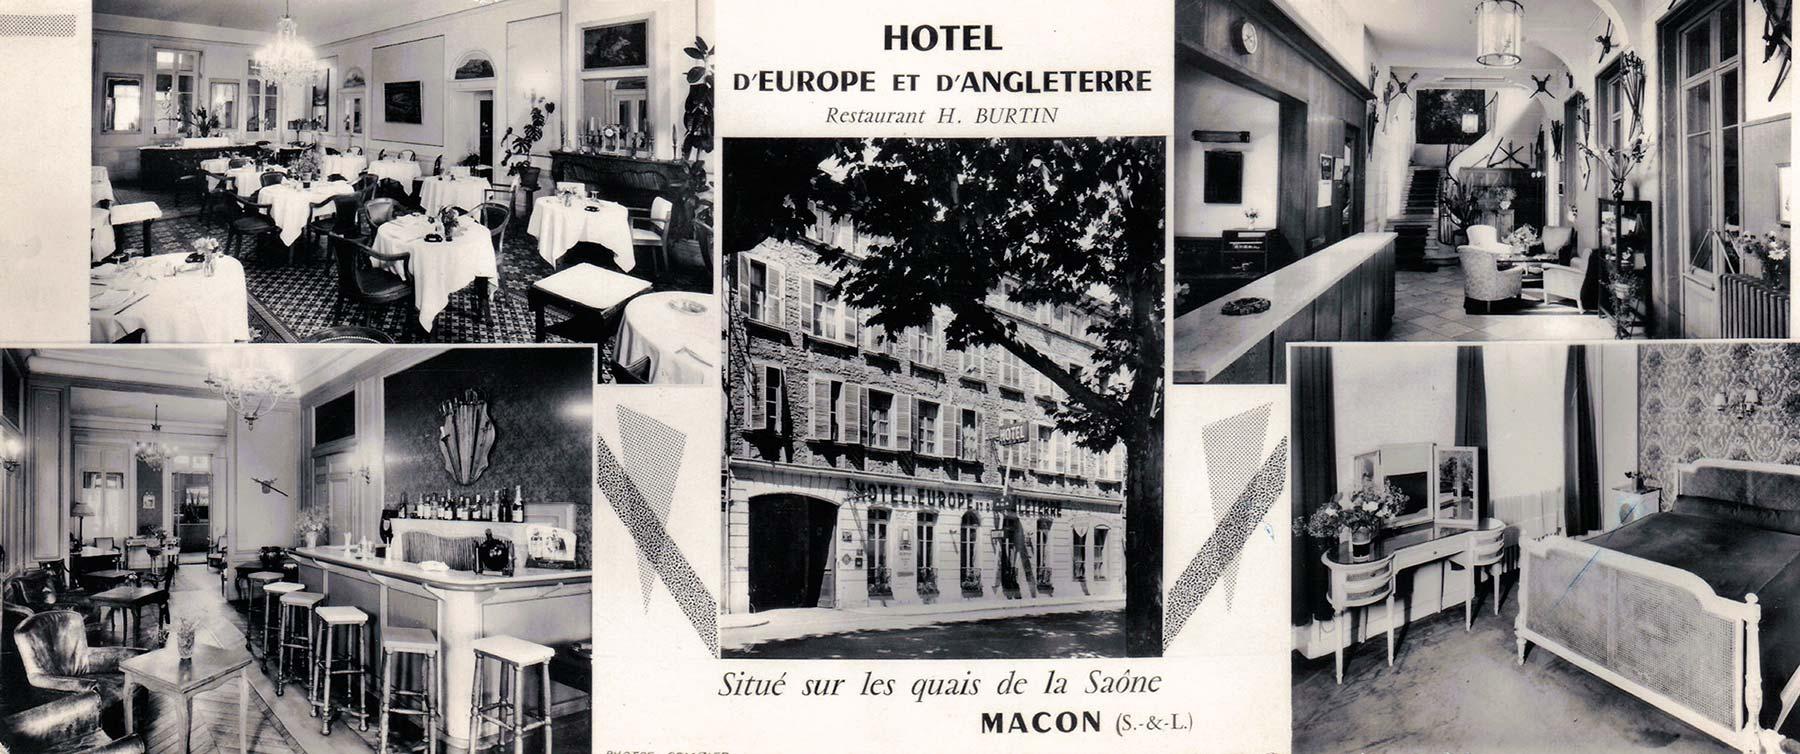 Ancienne carte de l'Hotel d'Europe et d'Angleterre